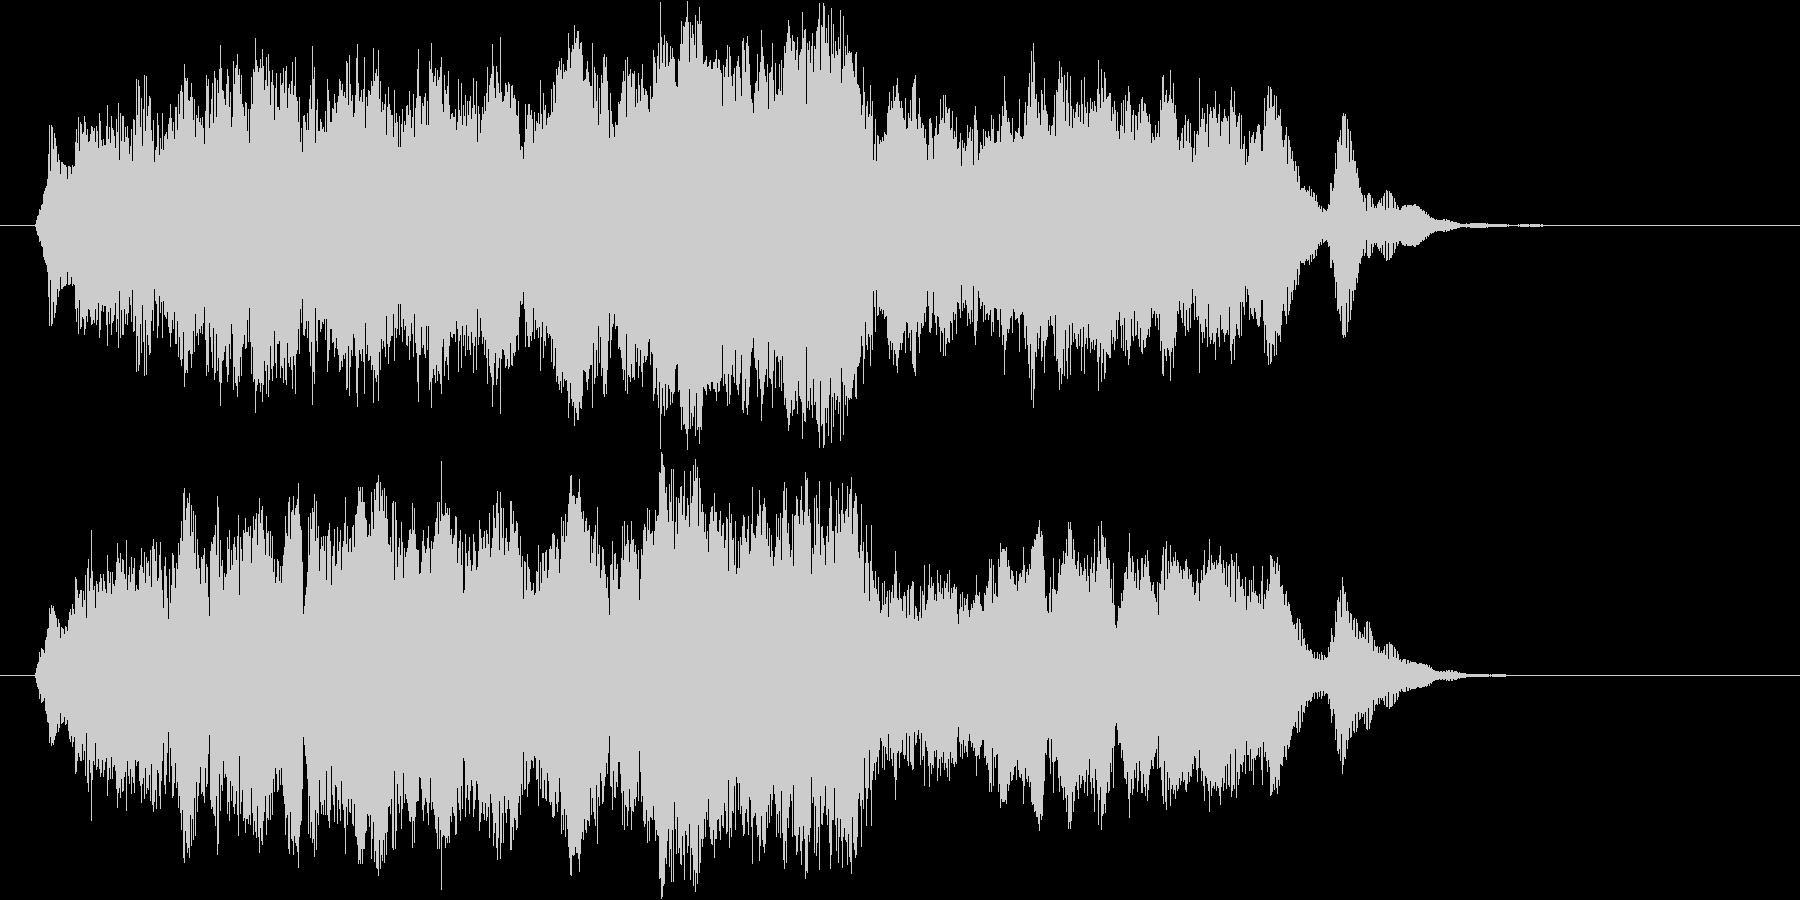 爽やかなオーケストラのエンド用ジングルの未再生の波形